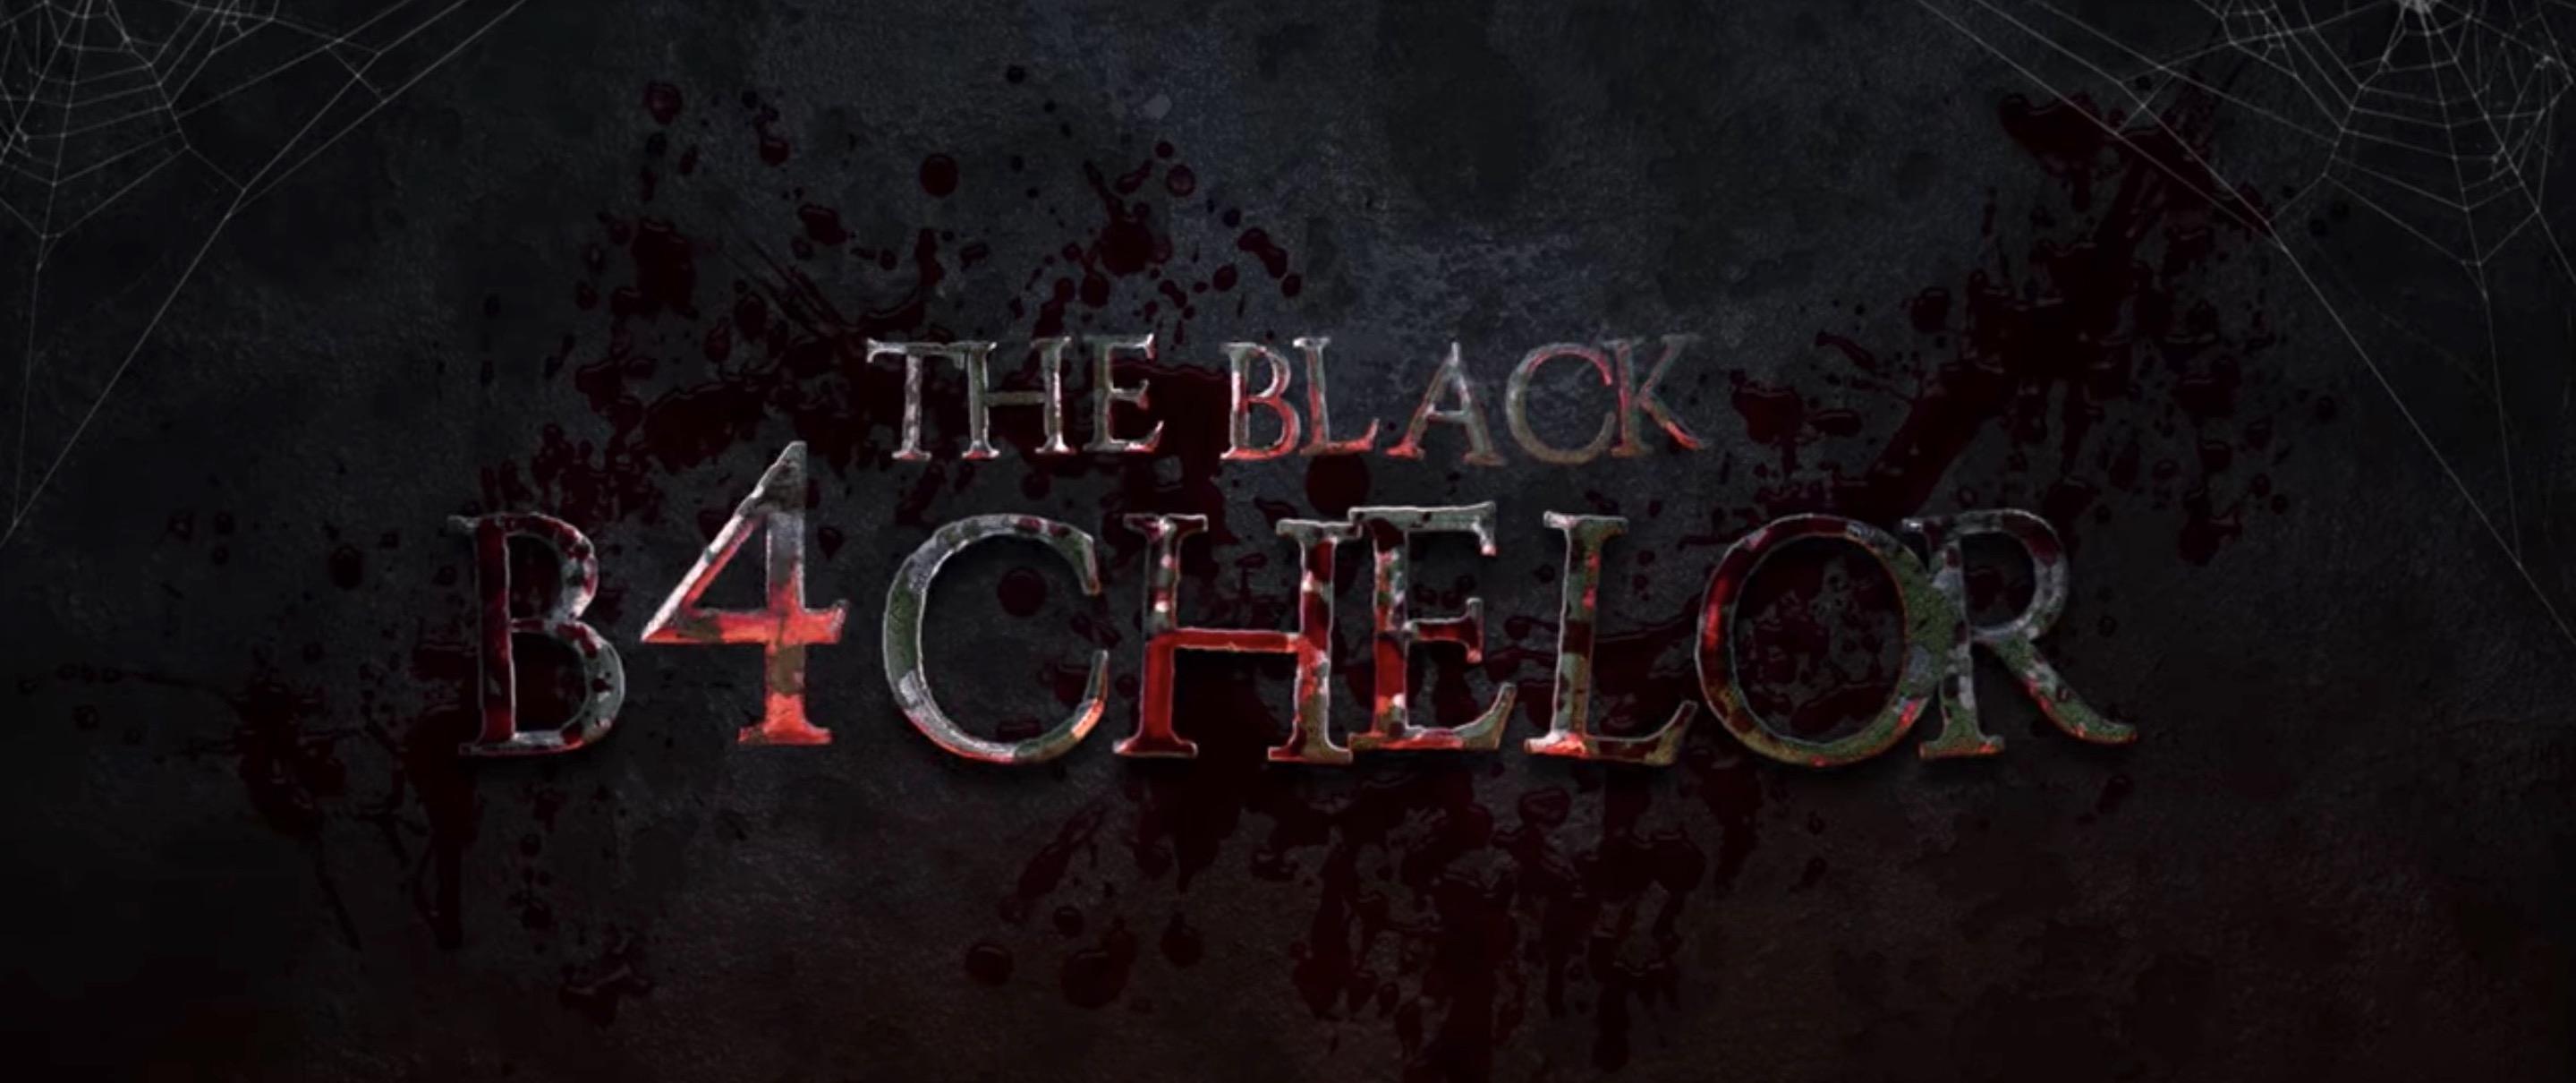 The Black Bachelor